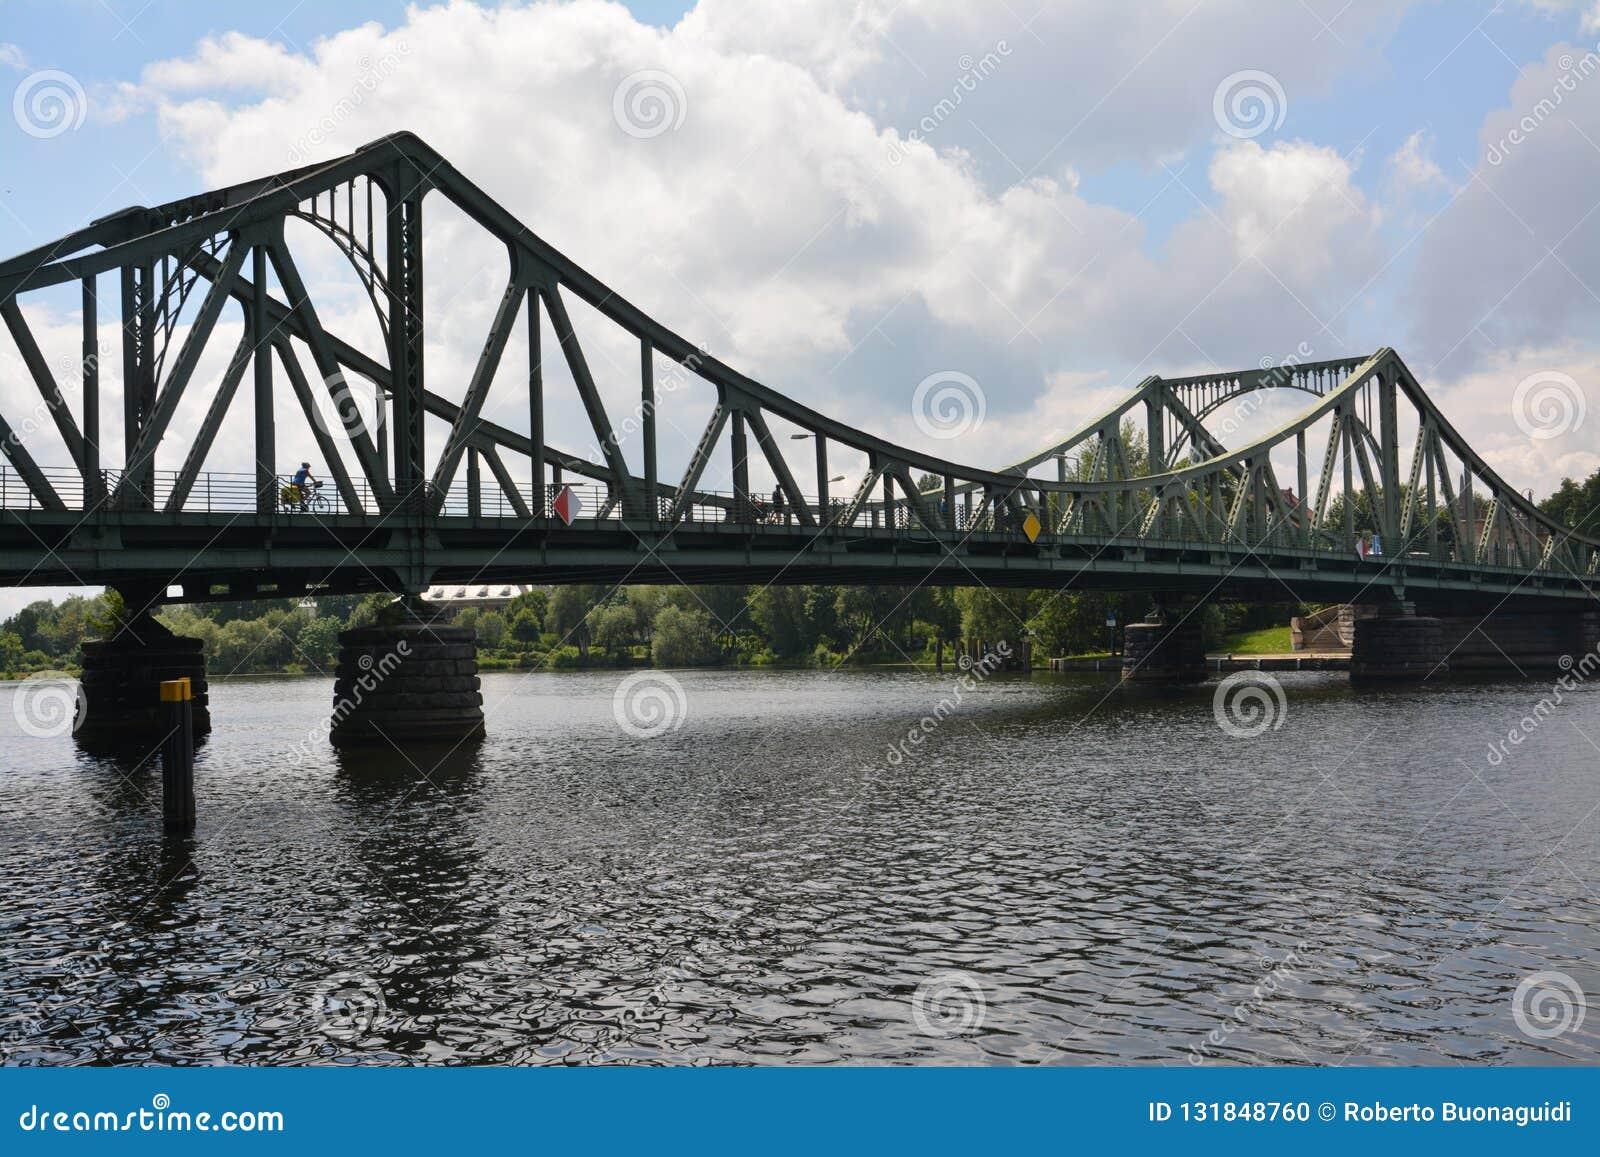 Le pont Glienicke à Berlin, a également appelé les espions du pont OD